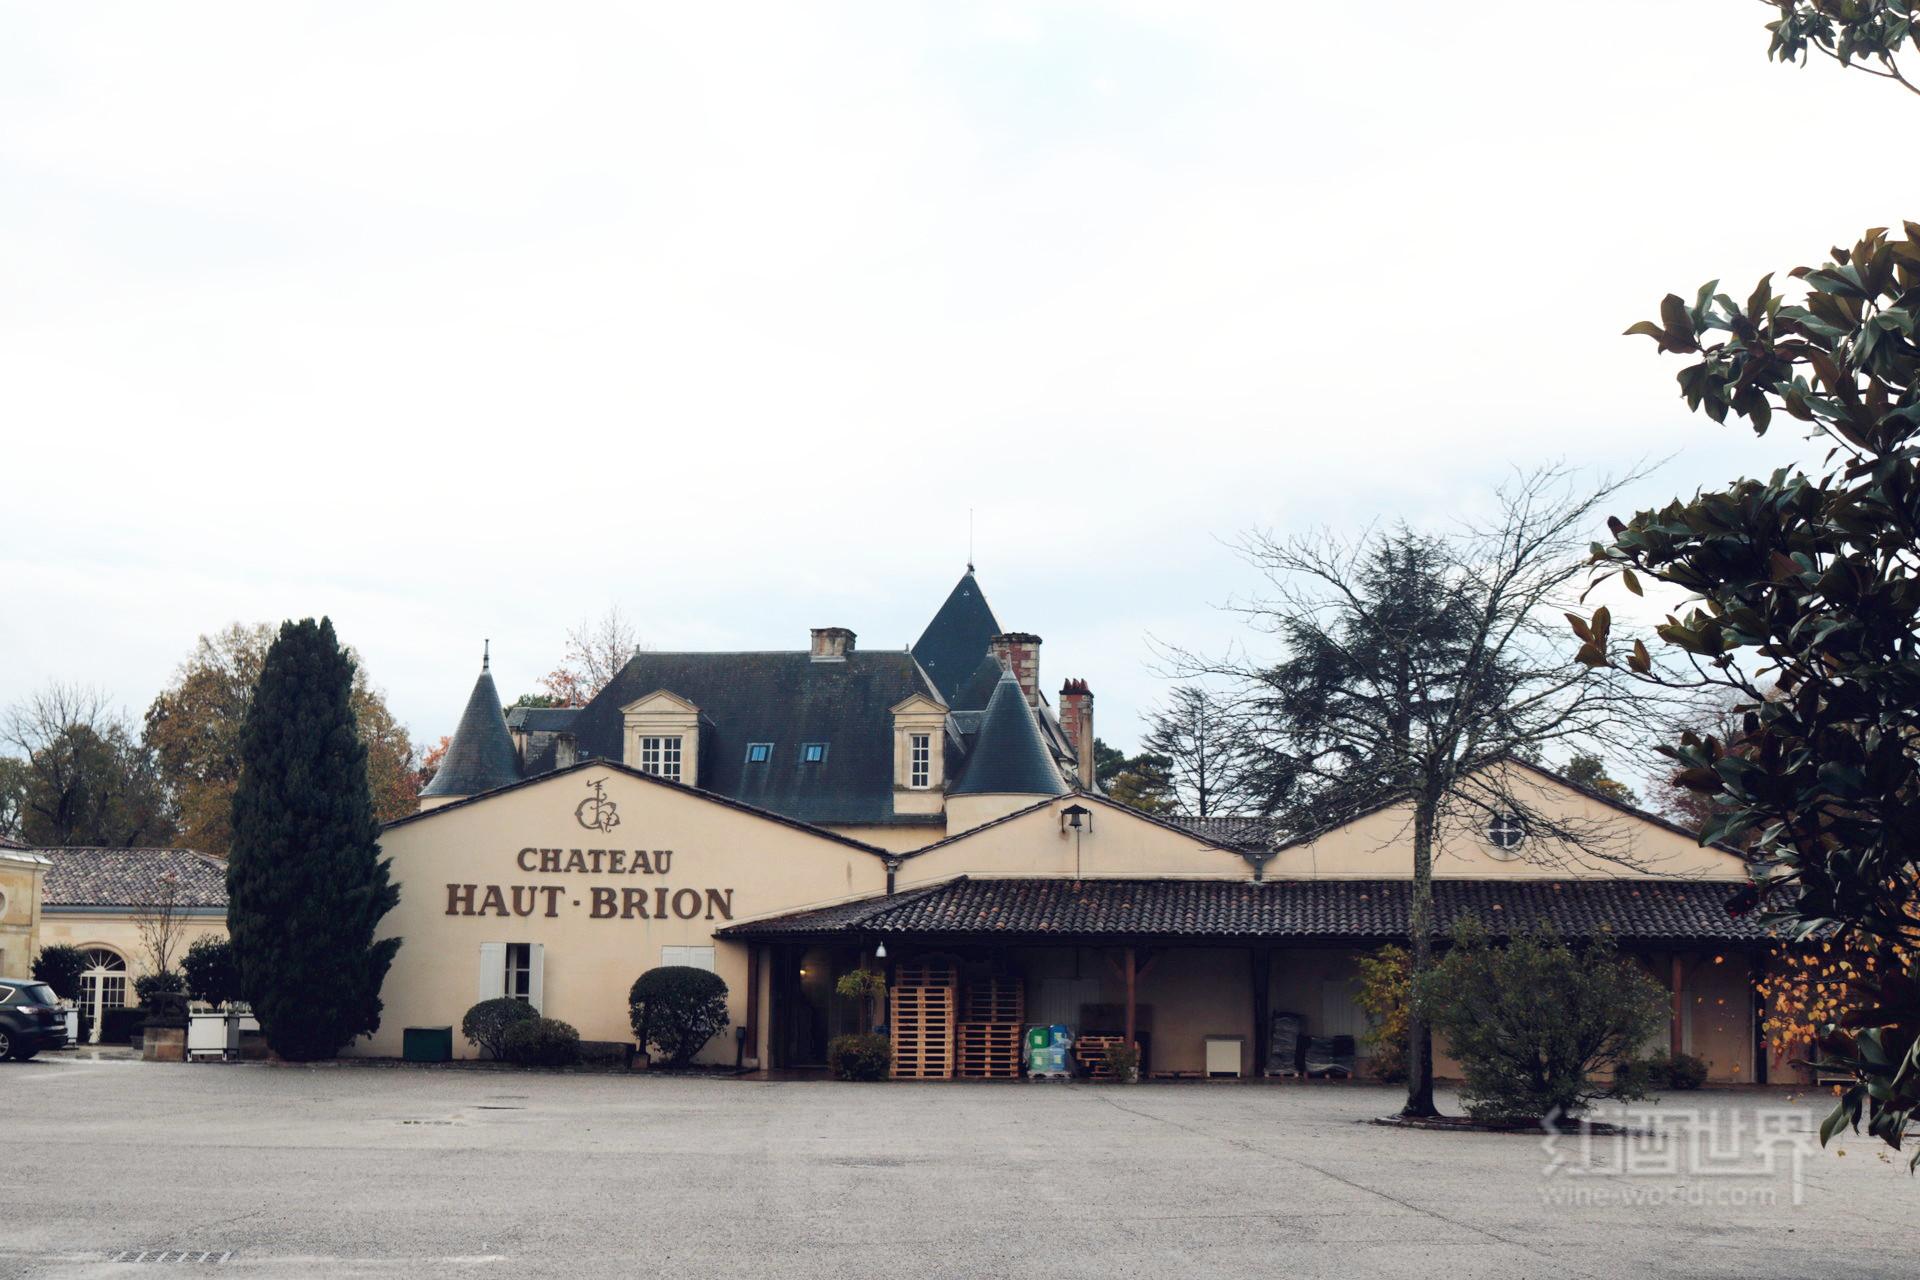 走进侯伯王酒庄的故乡:佩萨克-雷奥良产区